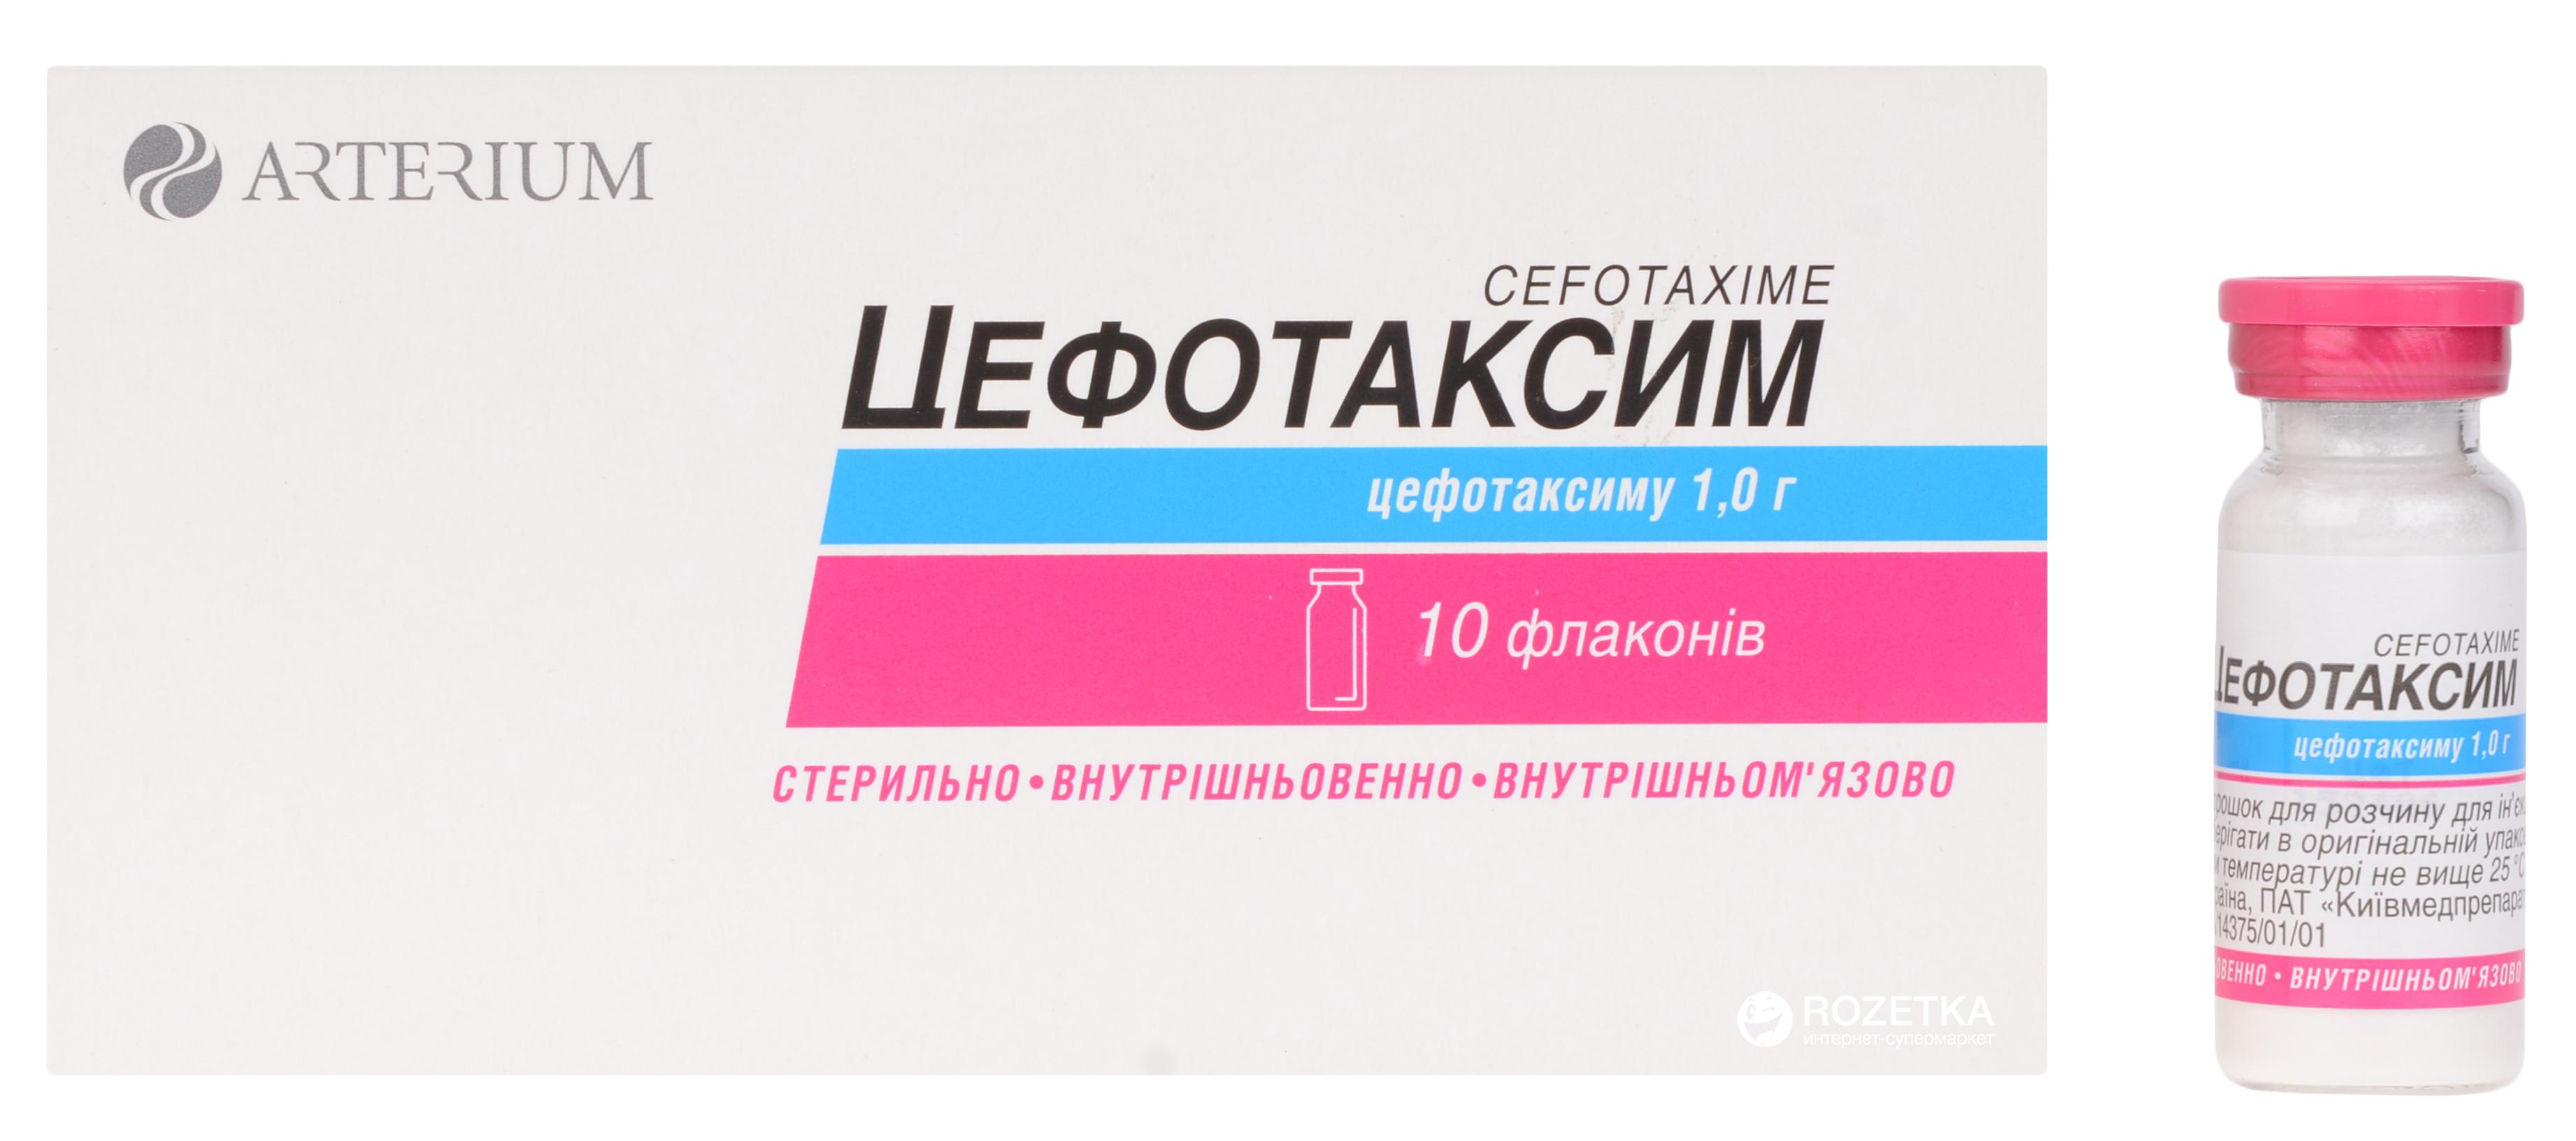 Суприма-бронхо – инструкция по применению сиропа, отзывы, цена, аналоги